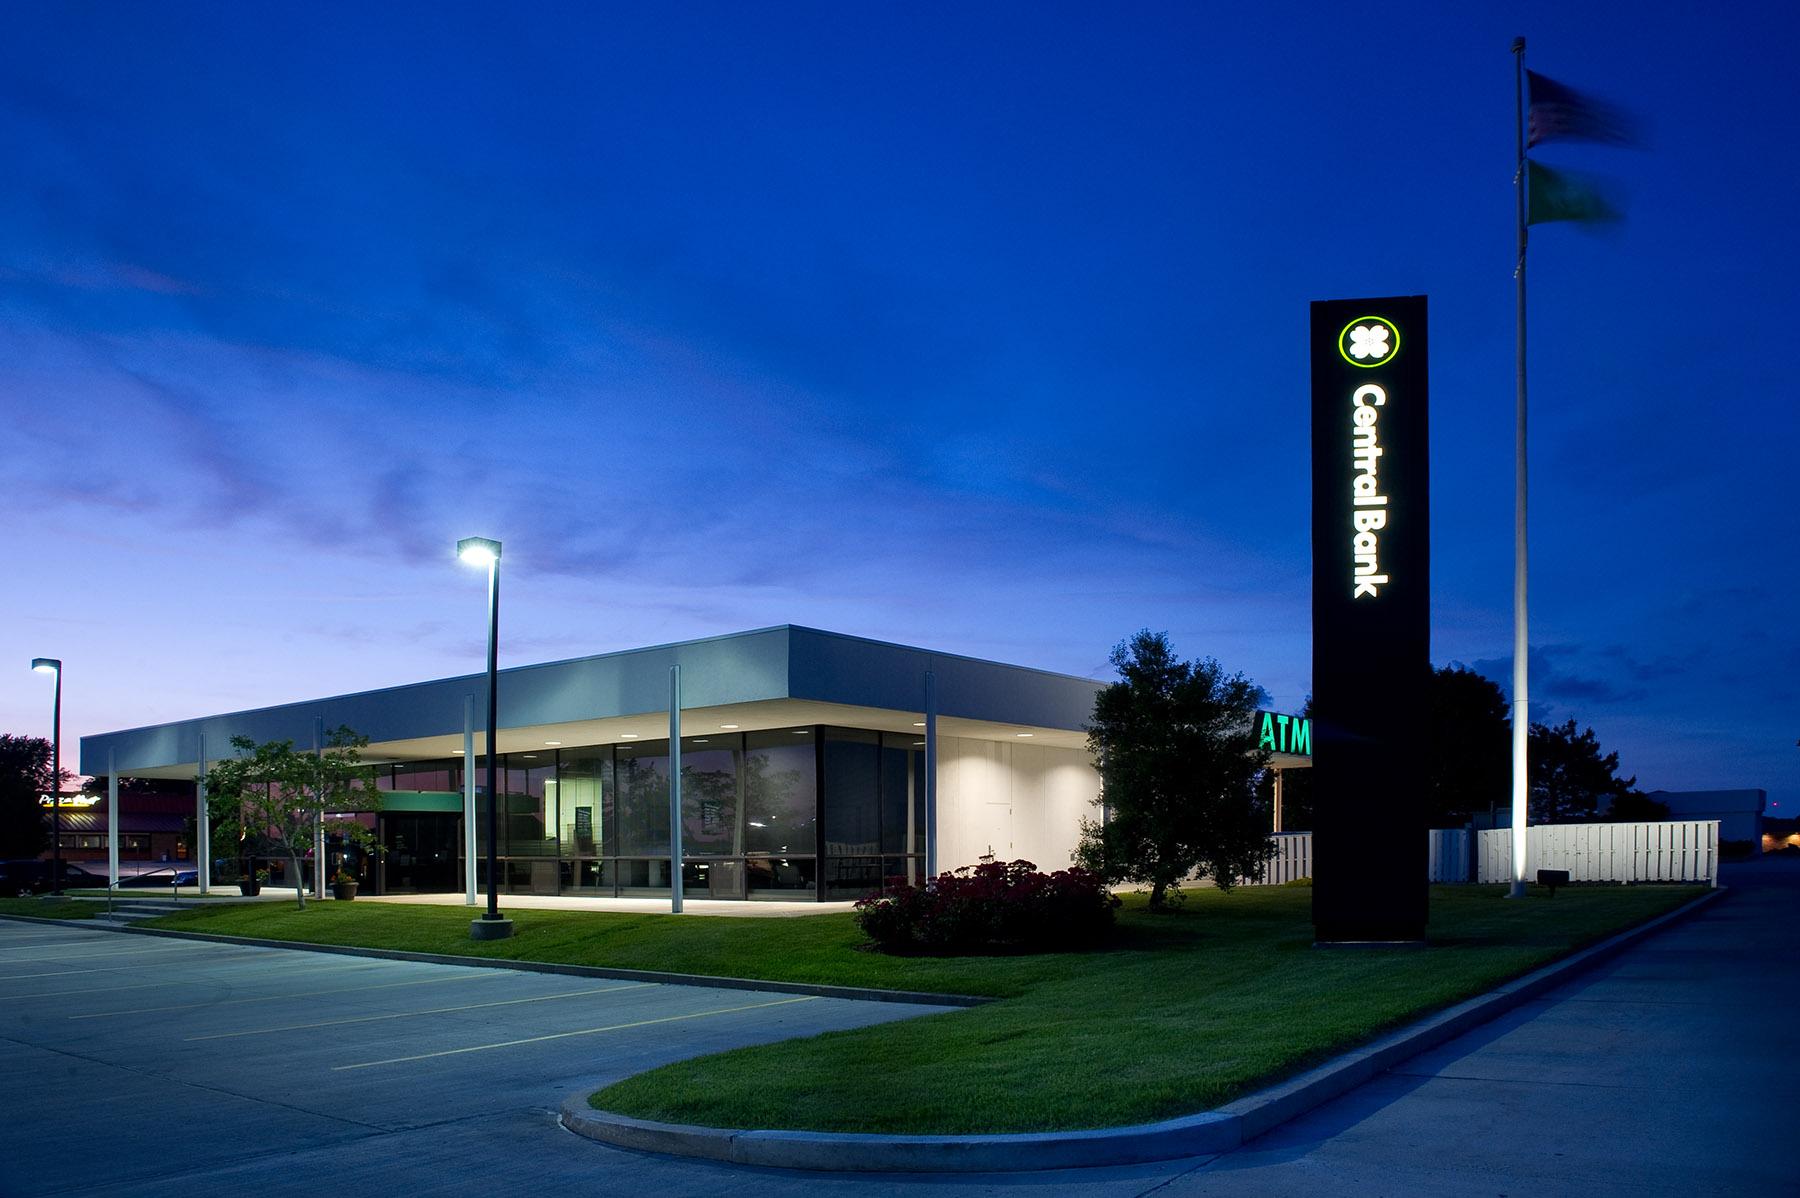 Bank-Exterior-at-night.jpg